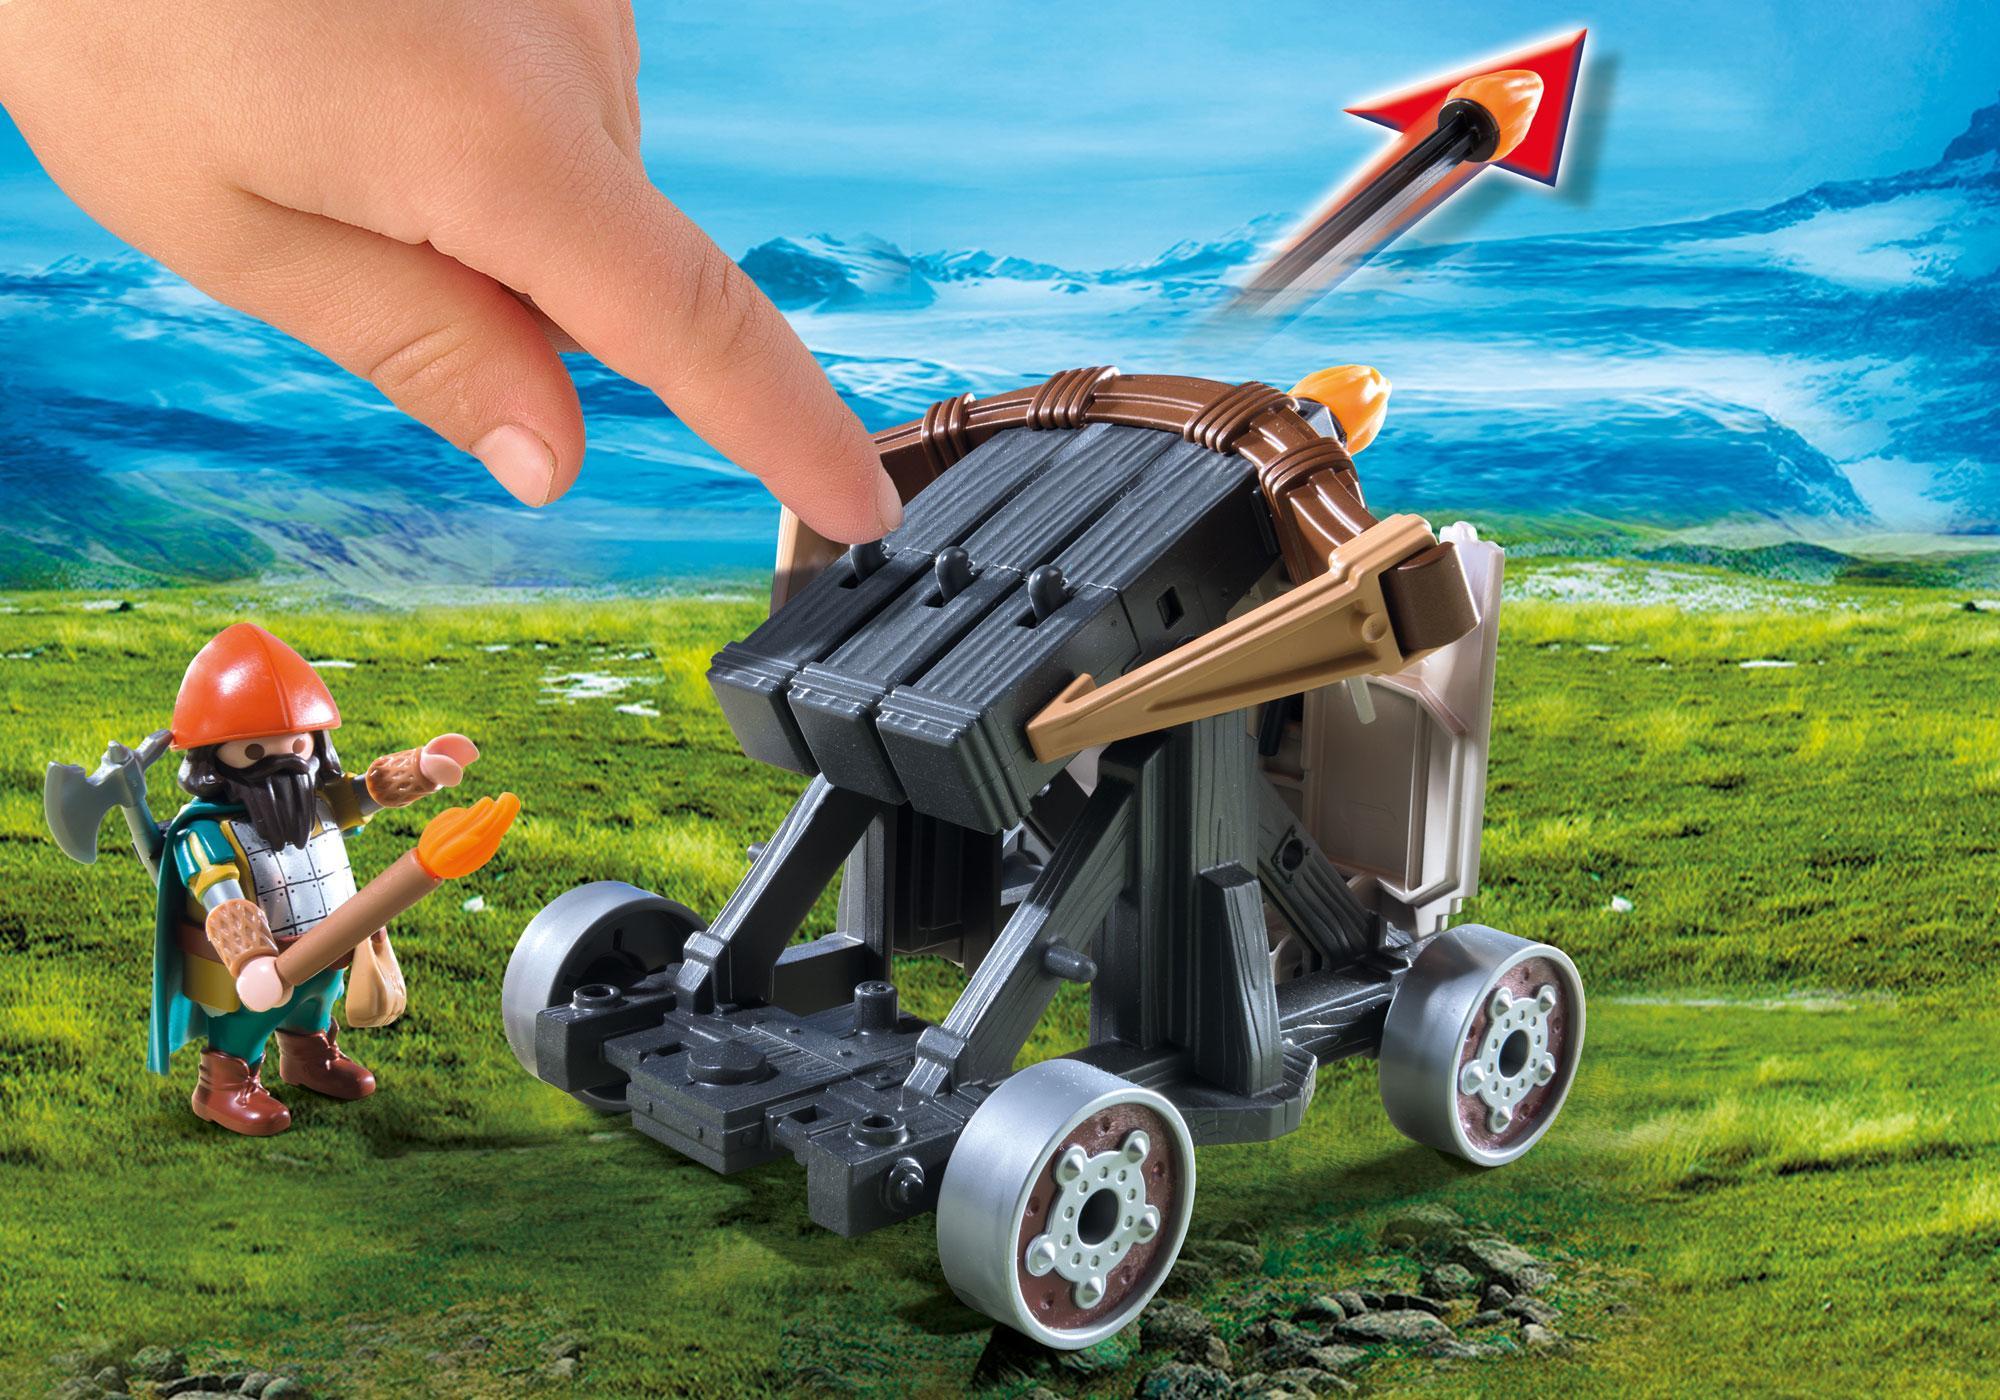 http://media.playmobil.com/i/playmobil/9341_product_extra2/Zaprzęg kucyków z balistą krasnoludów